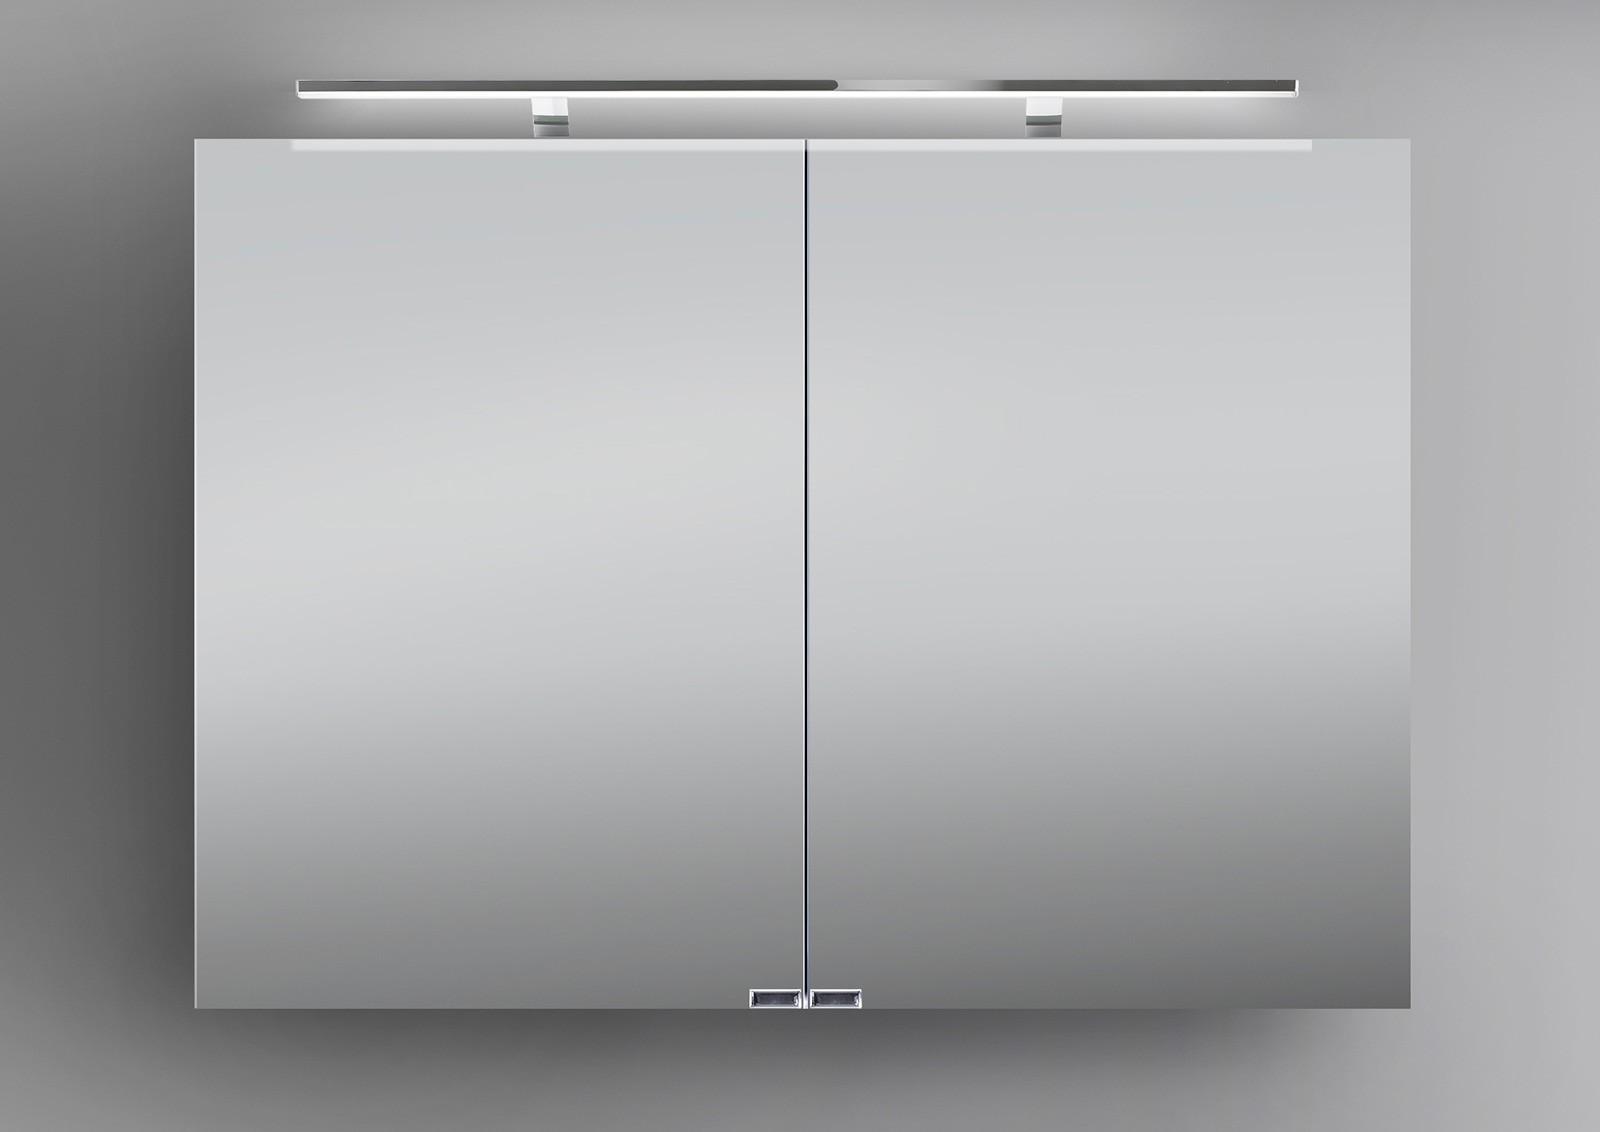 spiegelschrank 100 cm inkl led beleuchtung doppelseitig verspiegelt. Black Bedroom Furniture Sets. Home Design Ideas